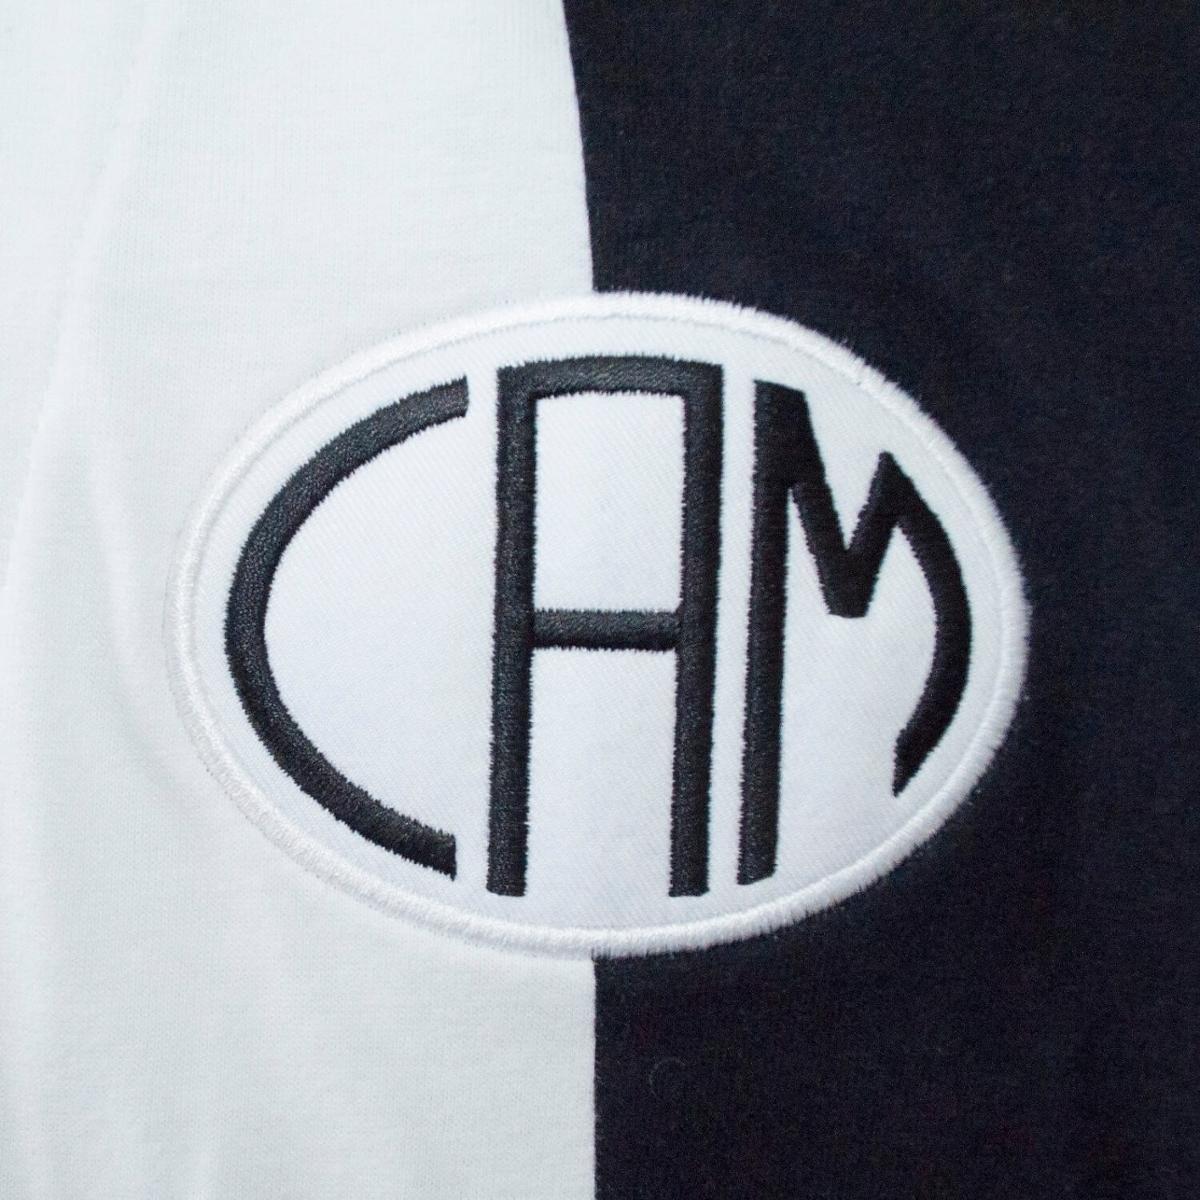 Camisa  Atlético Mineiro 1914 Retrô Masculina - Preto e Branco